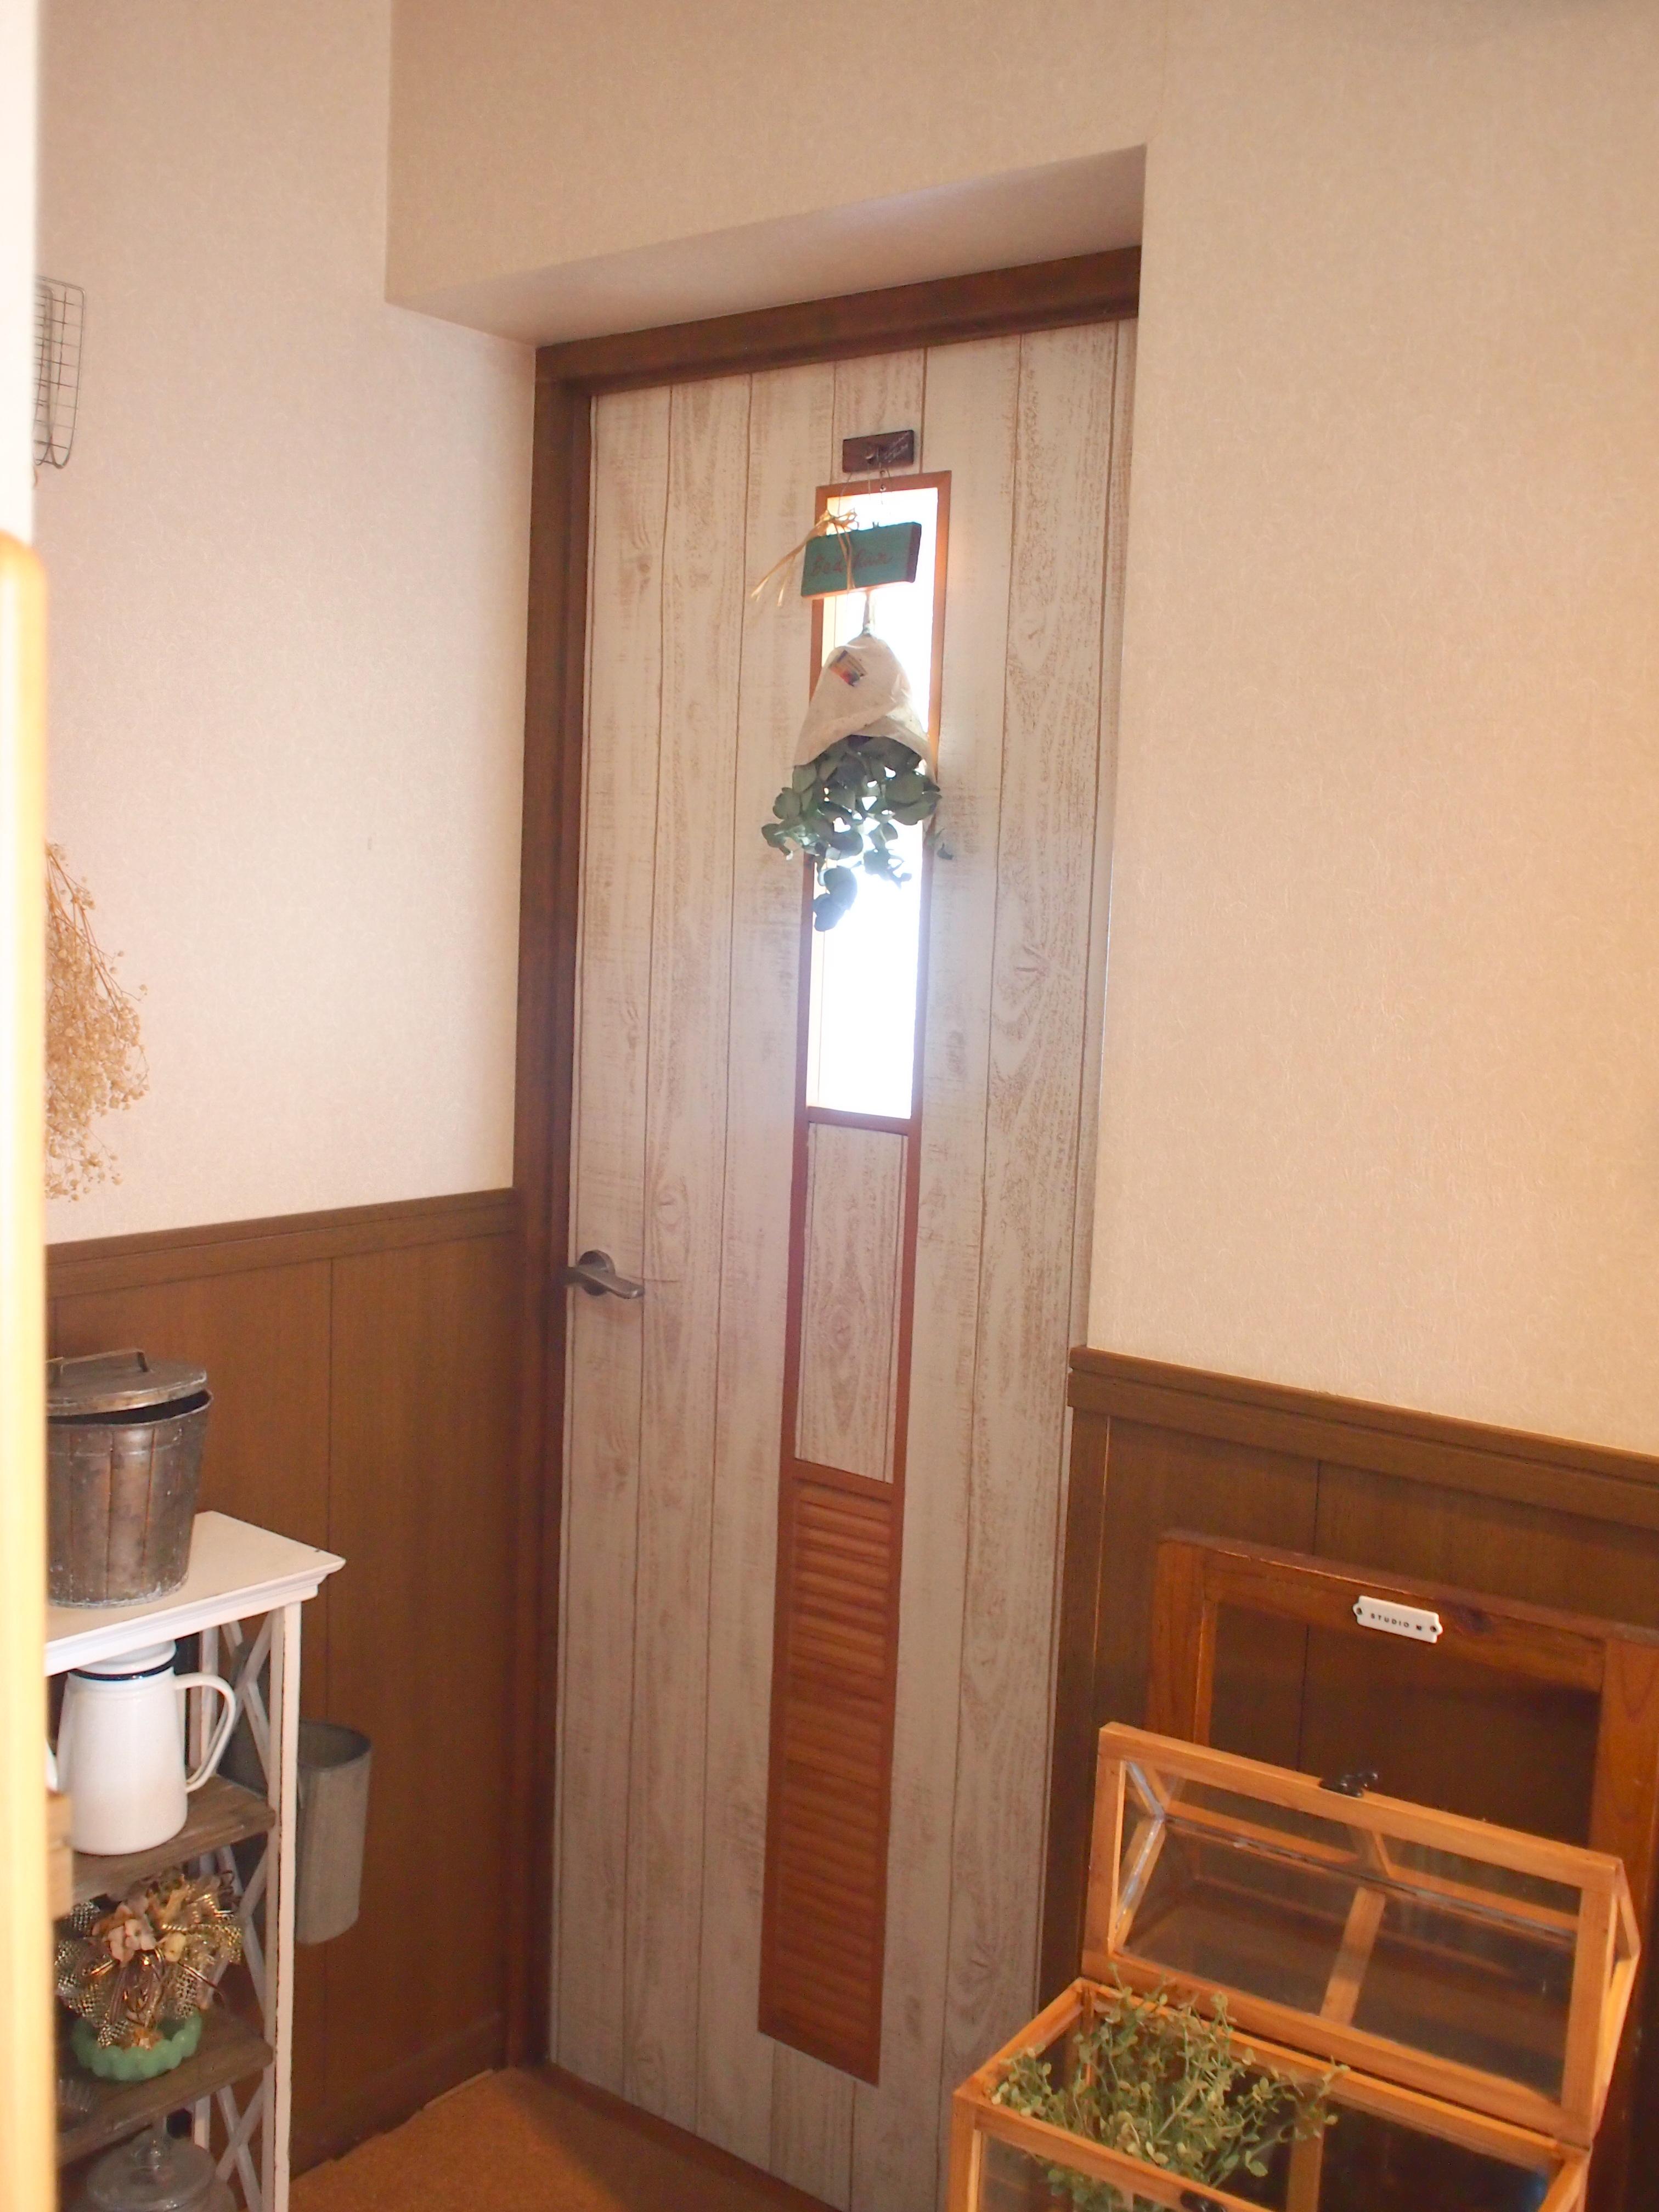 壁紙でドアをリメイク 元気のミナモト